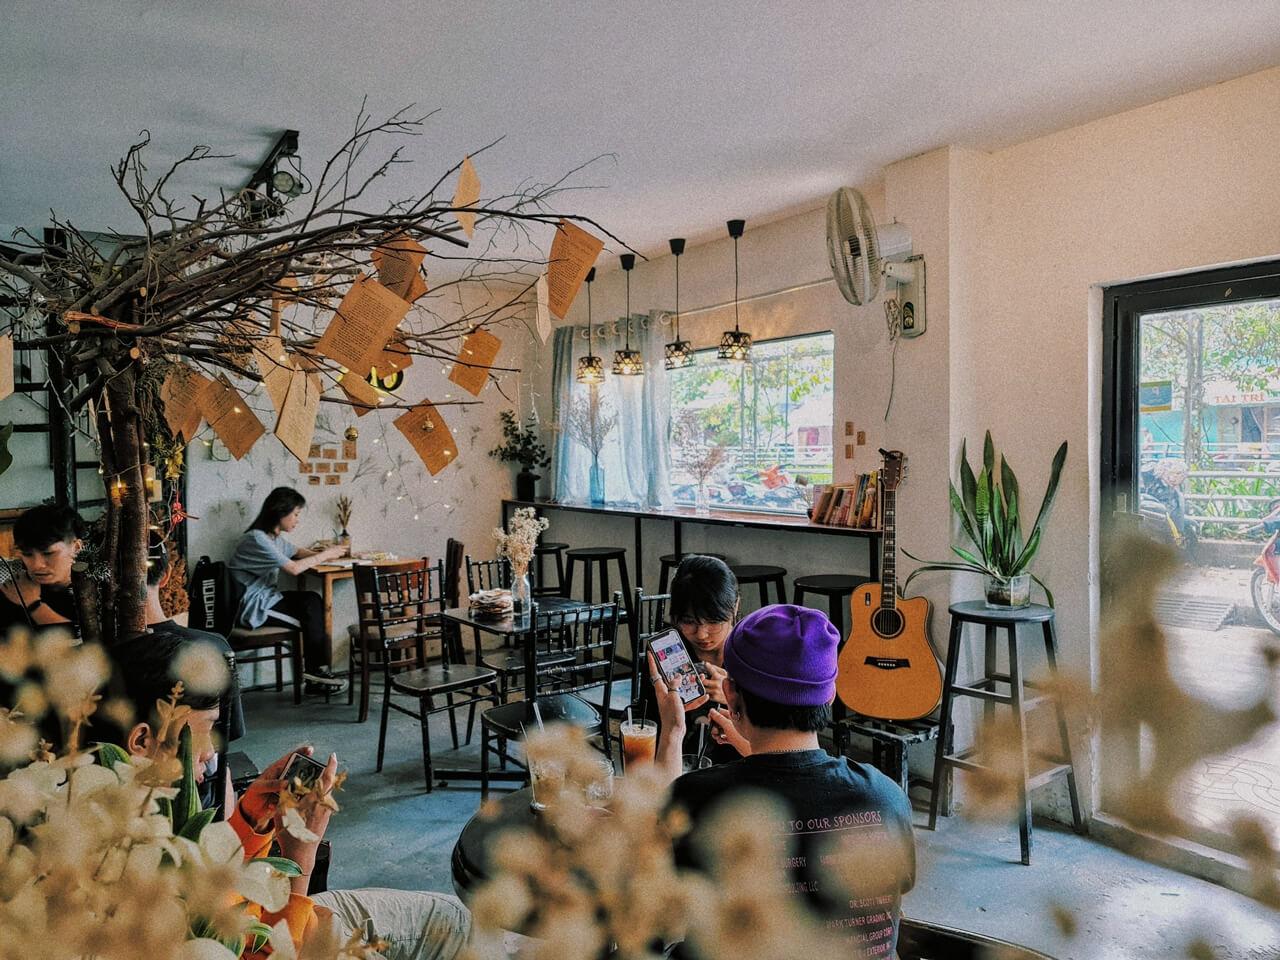 Tiệm cà phê này là sự lựa chọn của nhiều bạn trẻ